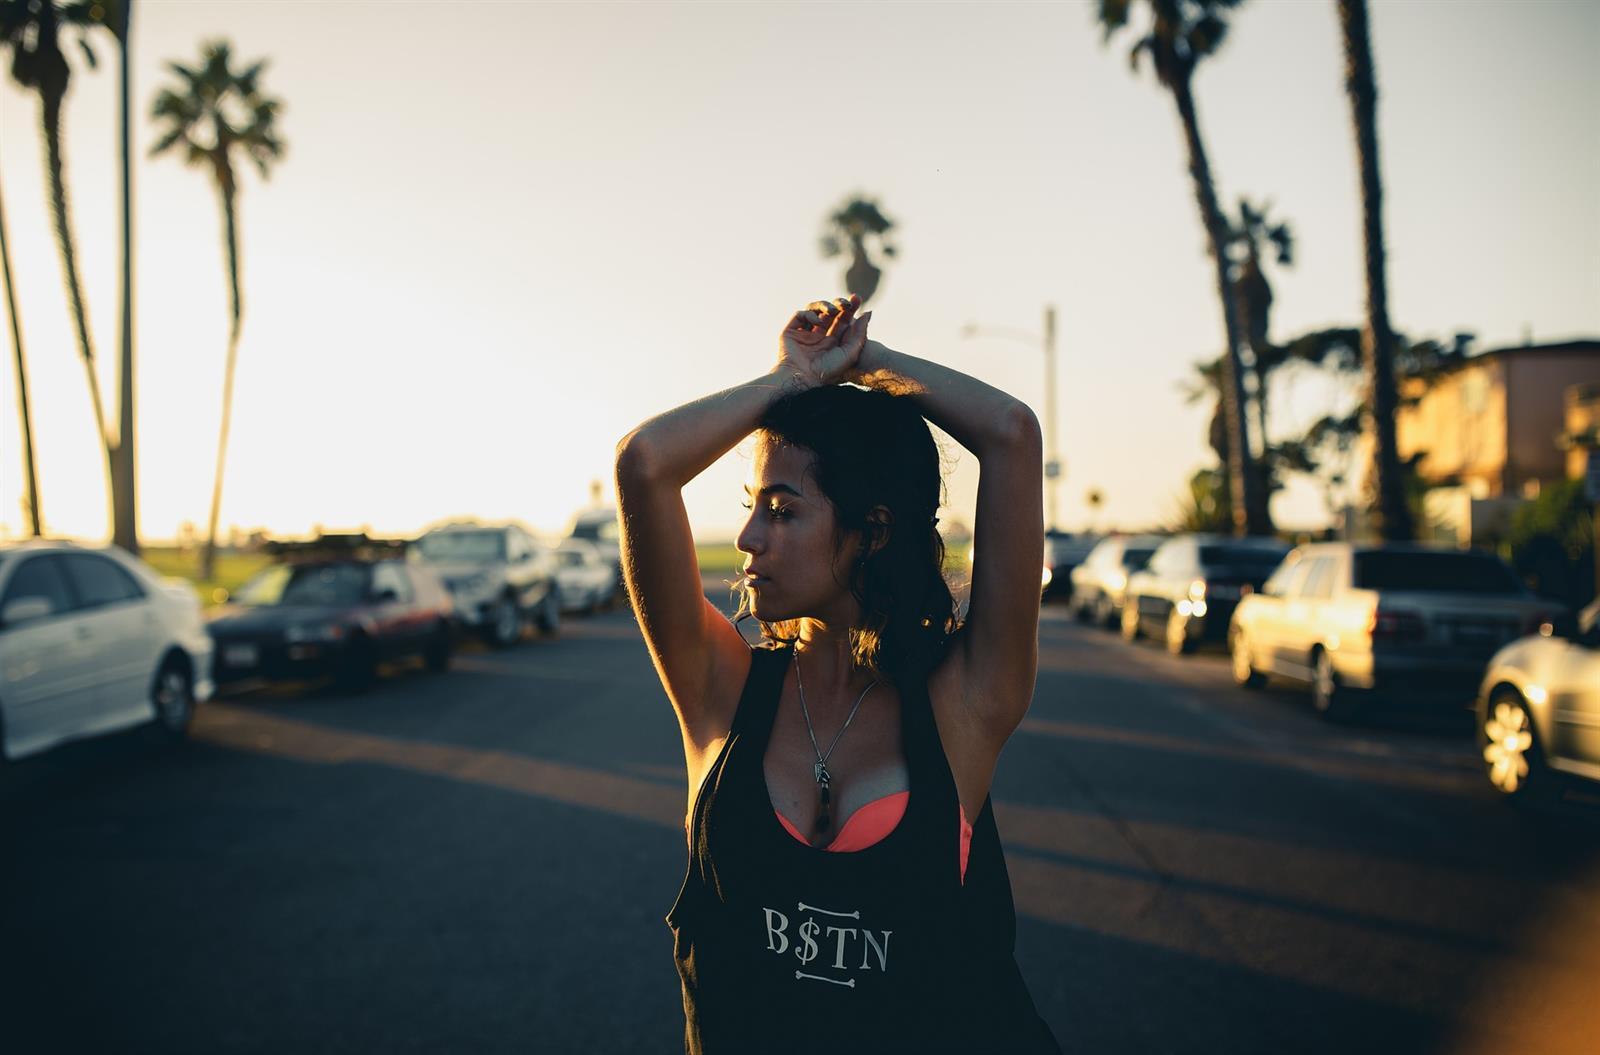 להרגיש את הגלאם בלוס אנג'לס